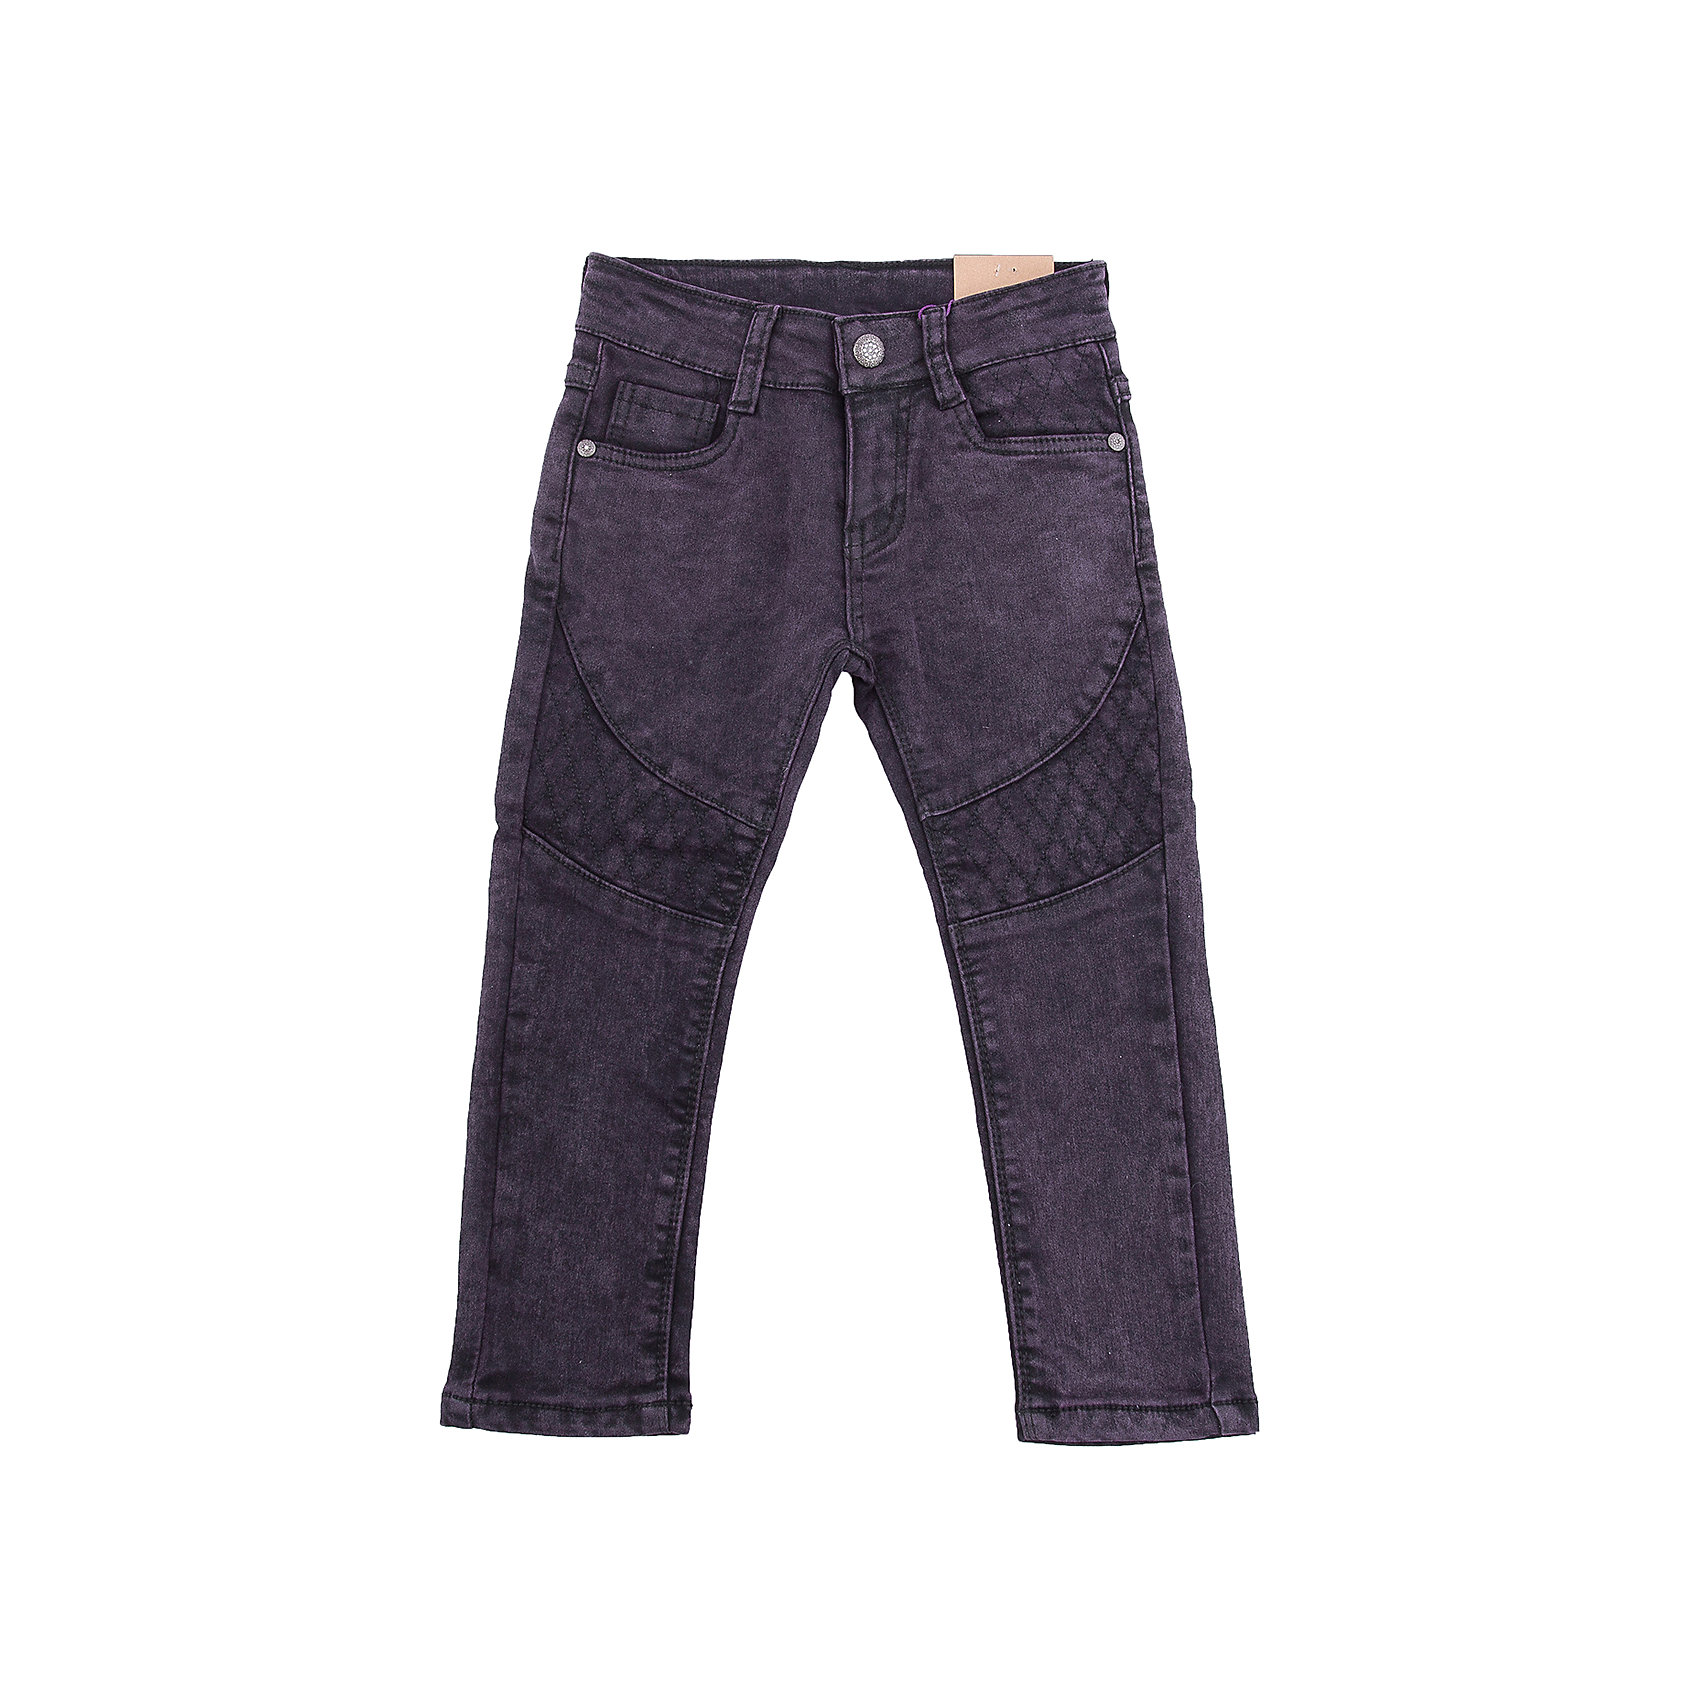 Брюки Sweet Berry для девочкиБрюки<br>Брюки Sweet Berry для девочки<br>Ультрамодные джинсовые брюки для девочки темно-фиолетового цвета с оригинальной варкой и вышивкой. Зауженный крой, средняя посадка. Застегиваются на молнию и крючок. Шлевки на поясе рассчитаны под ремень. В боковой части пояса находятся вшитые эластичные ленты, регулирующие посадку по талии.<br>Состав:<br>98% хлопок, 2% спандекс<br><br>Ширина мм: 215<br>Глубина мм: 88<br>Высота мм: 191<br>Вес г: 336<br>Цвет: лиловый<br>Возраст от месяцев: 84<br>Возраст до месяцев: 96<br>Пол: Женский<br>Возраст: Детский<br>Размер: 128,98,104,110,116,122<br>SKU: 7094006